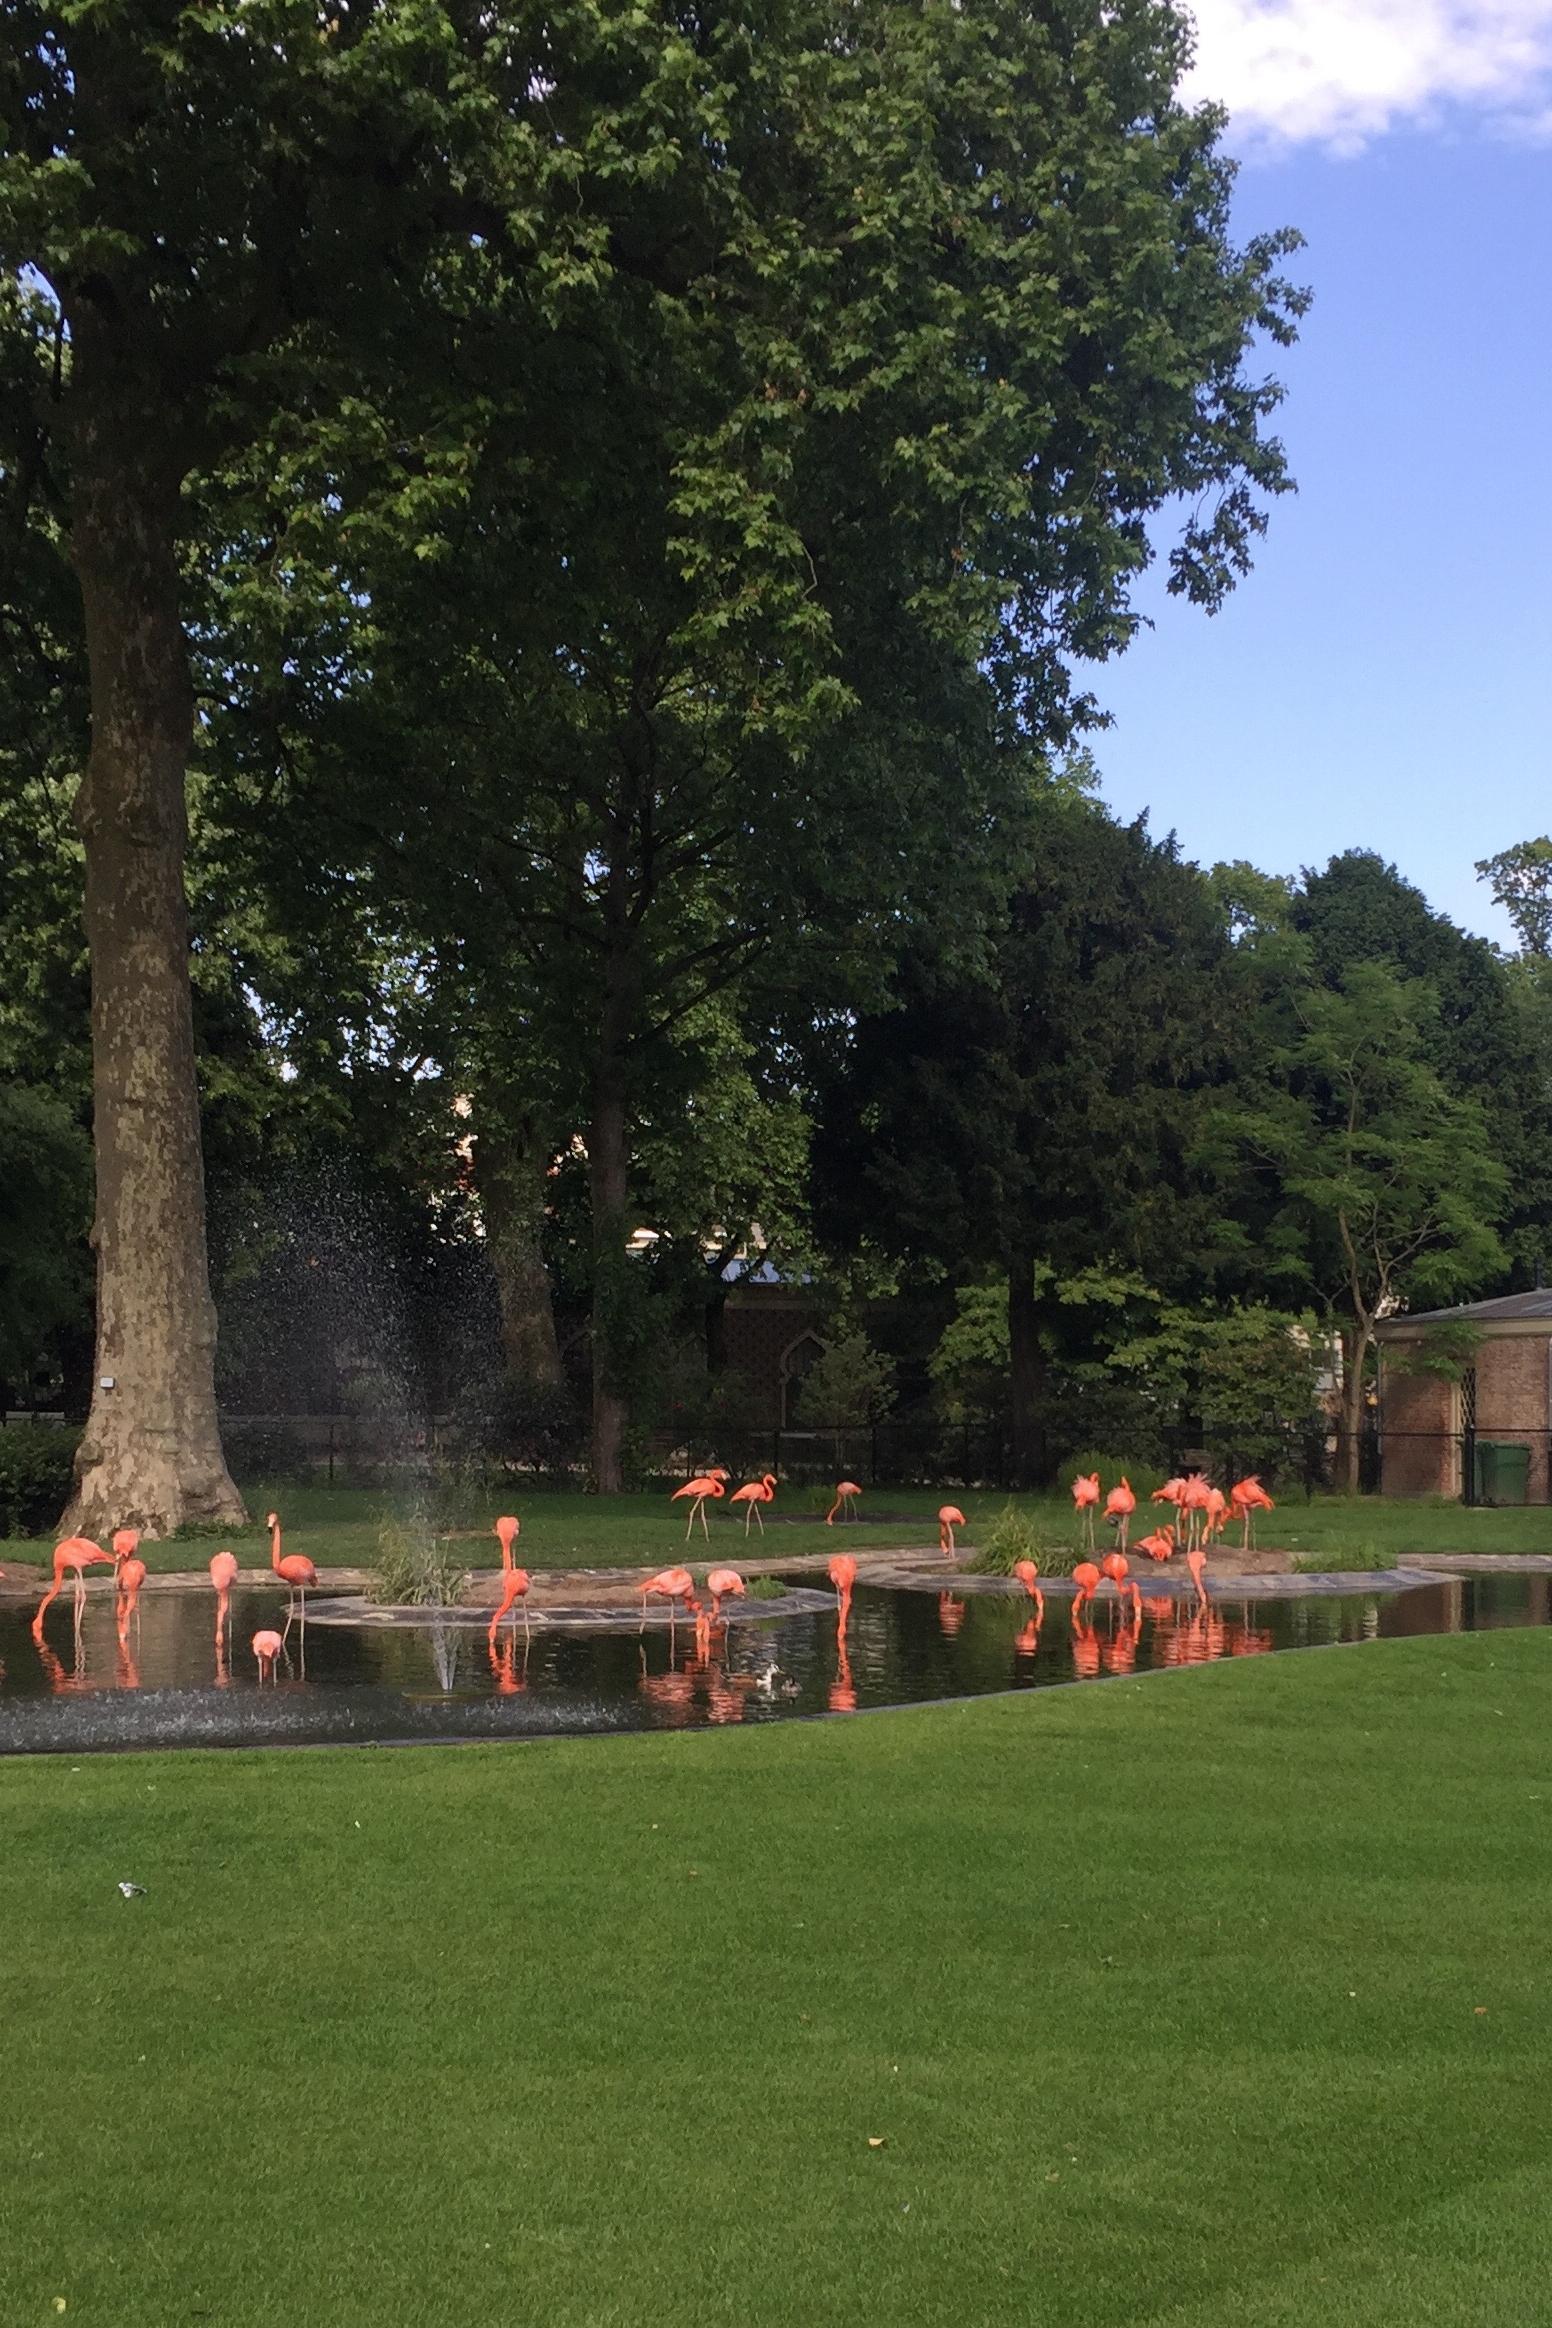 Increase Creativity Challenge Mai - Farbe grün - Flamingos im Zoo von Antwerpen - diephotographin